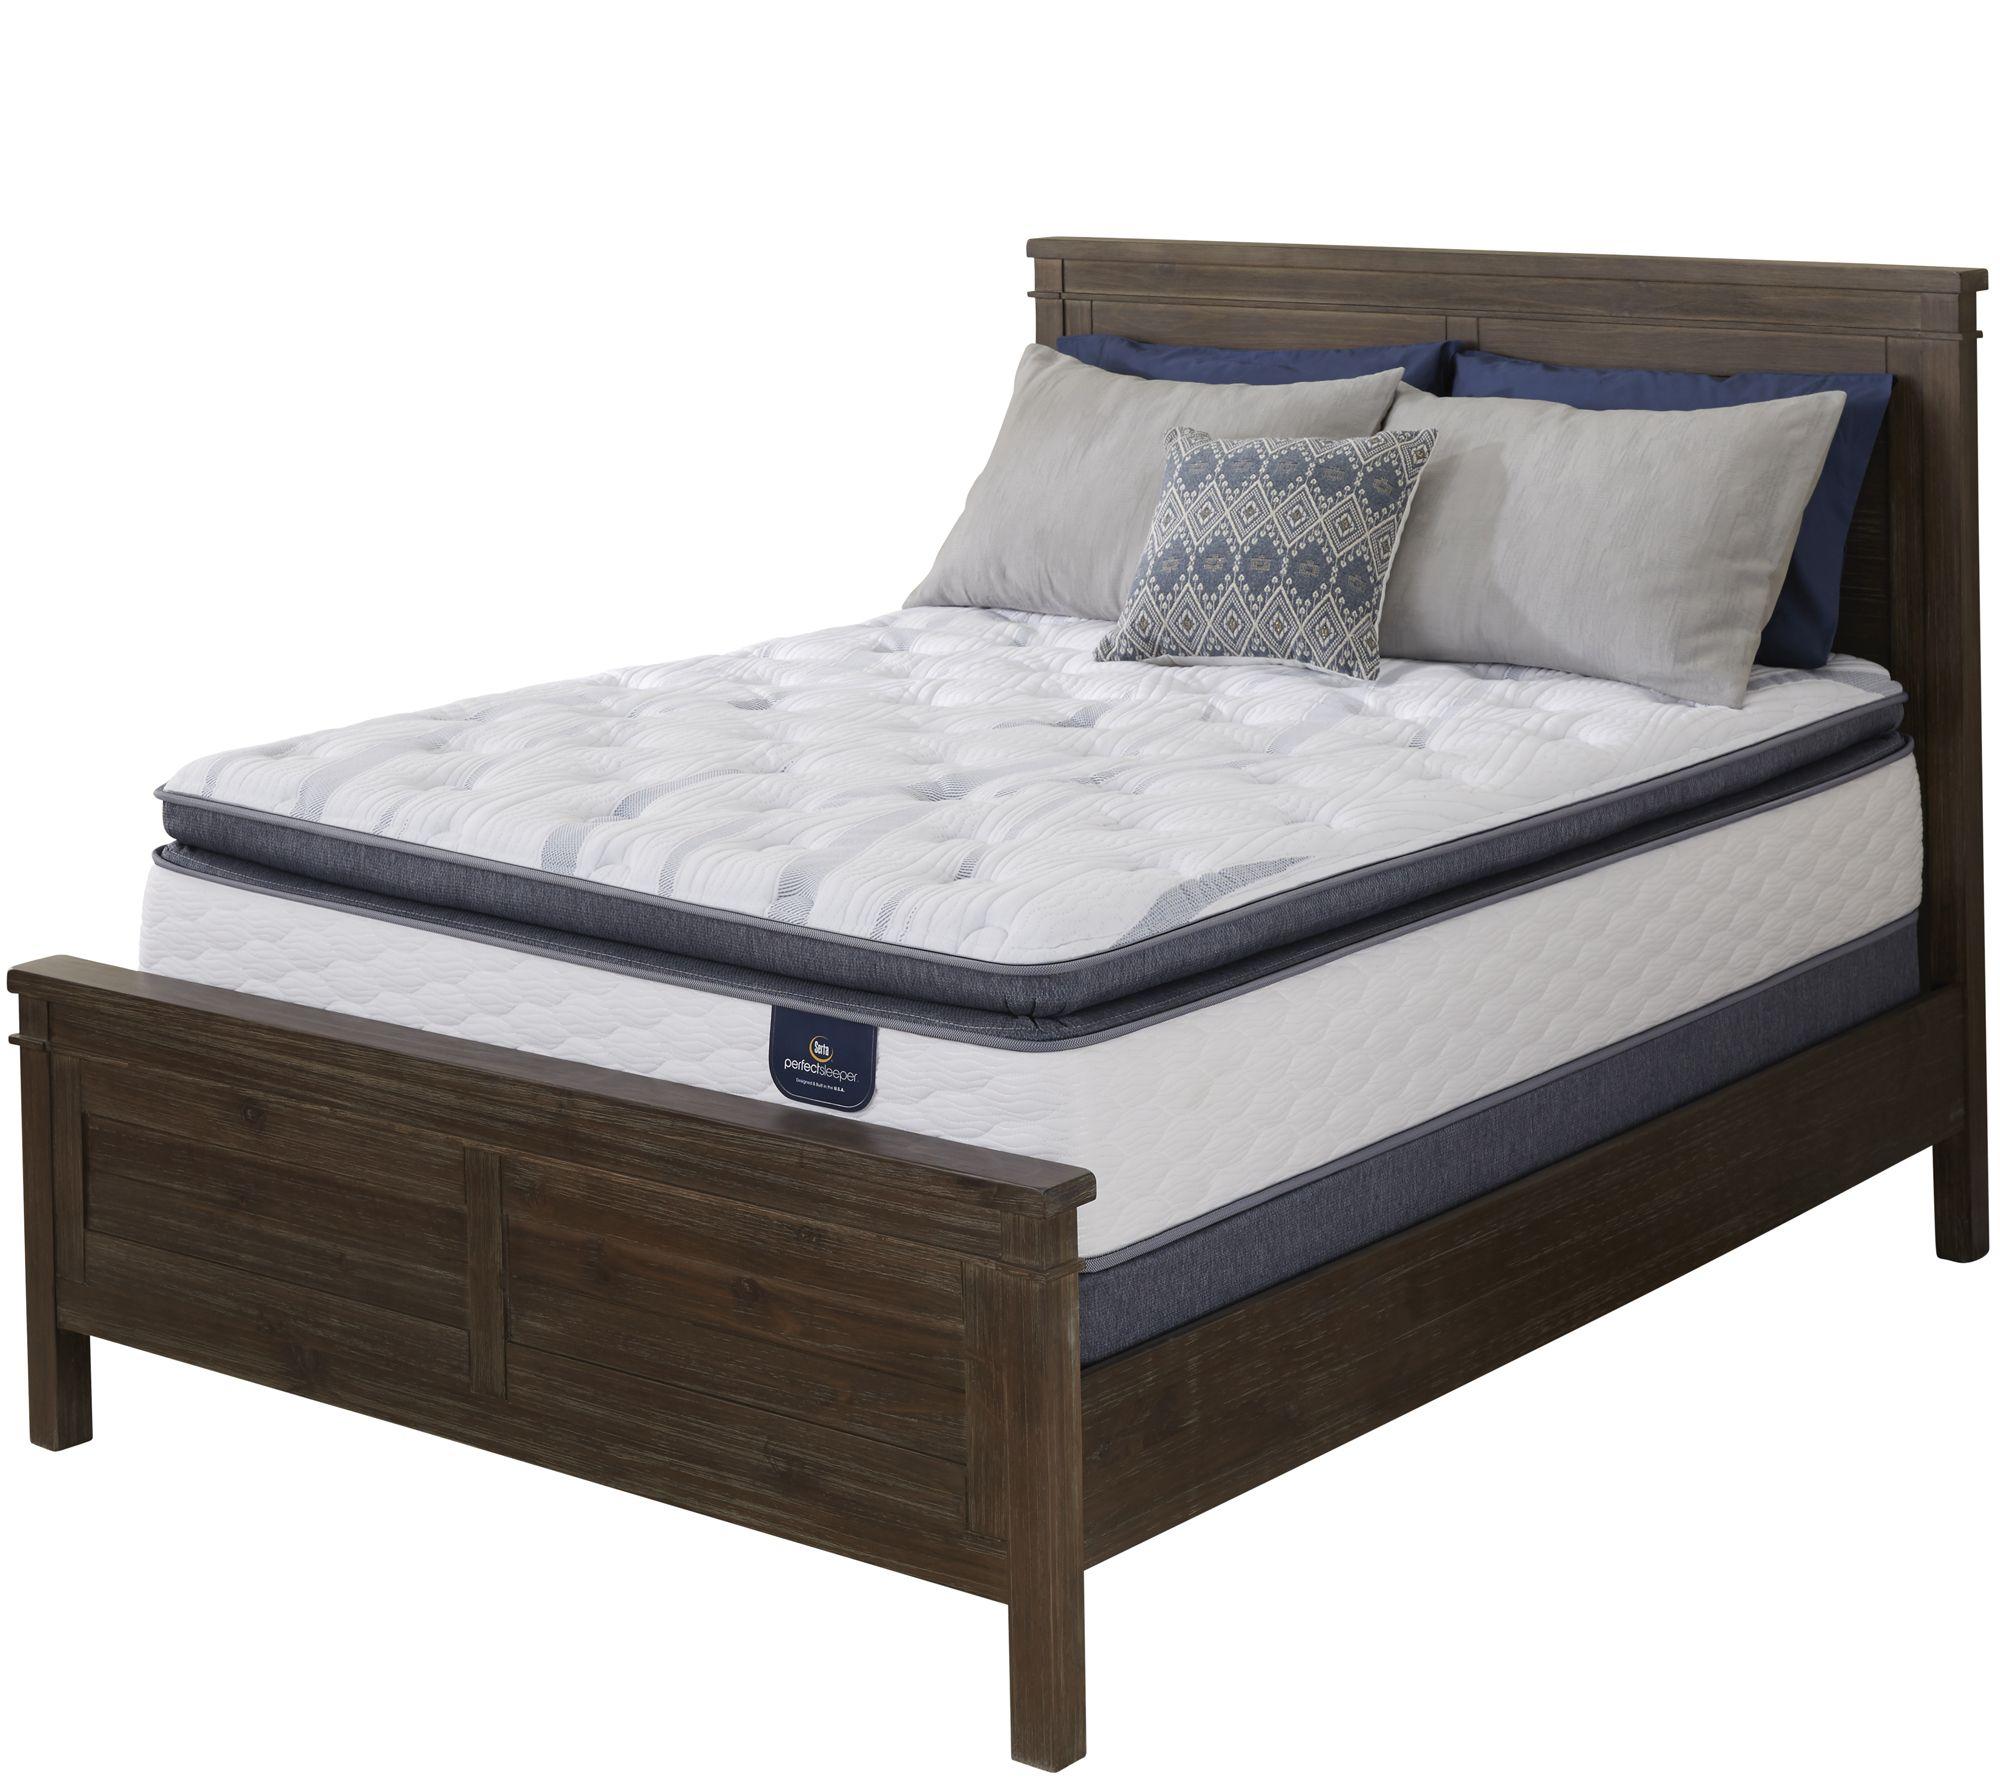 serta perfect sleeper belleshore super pt queen mattress set page